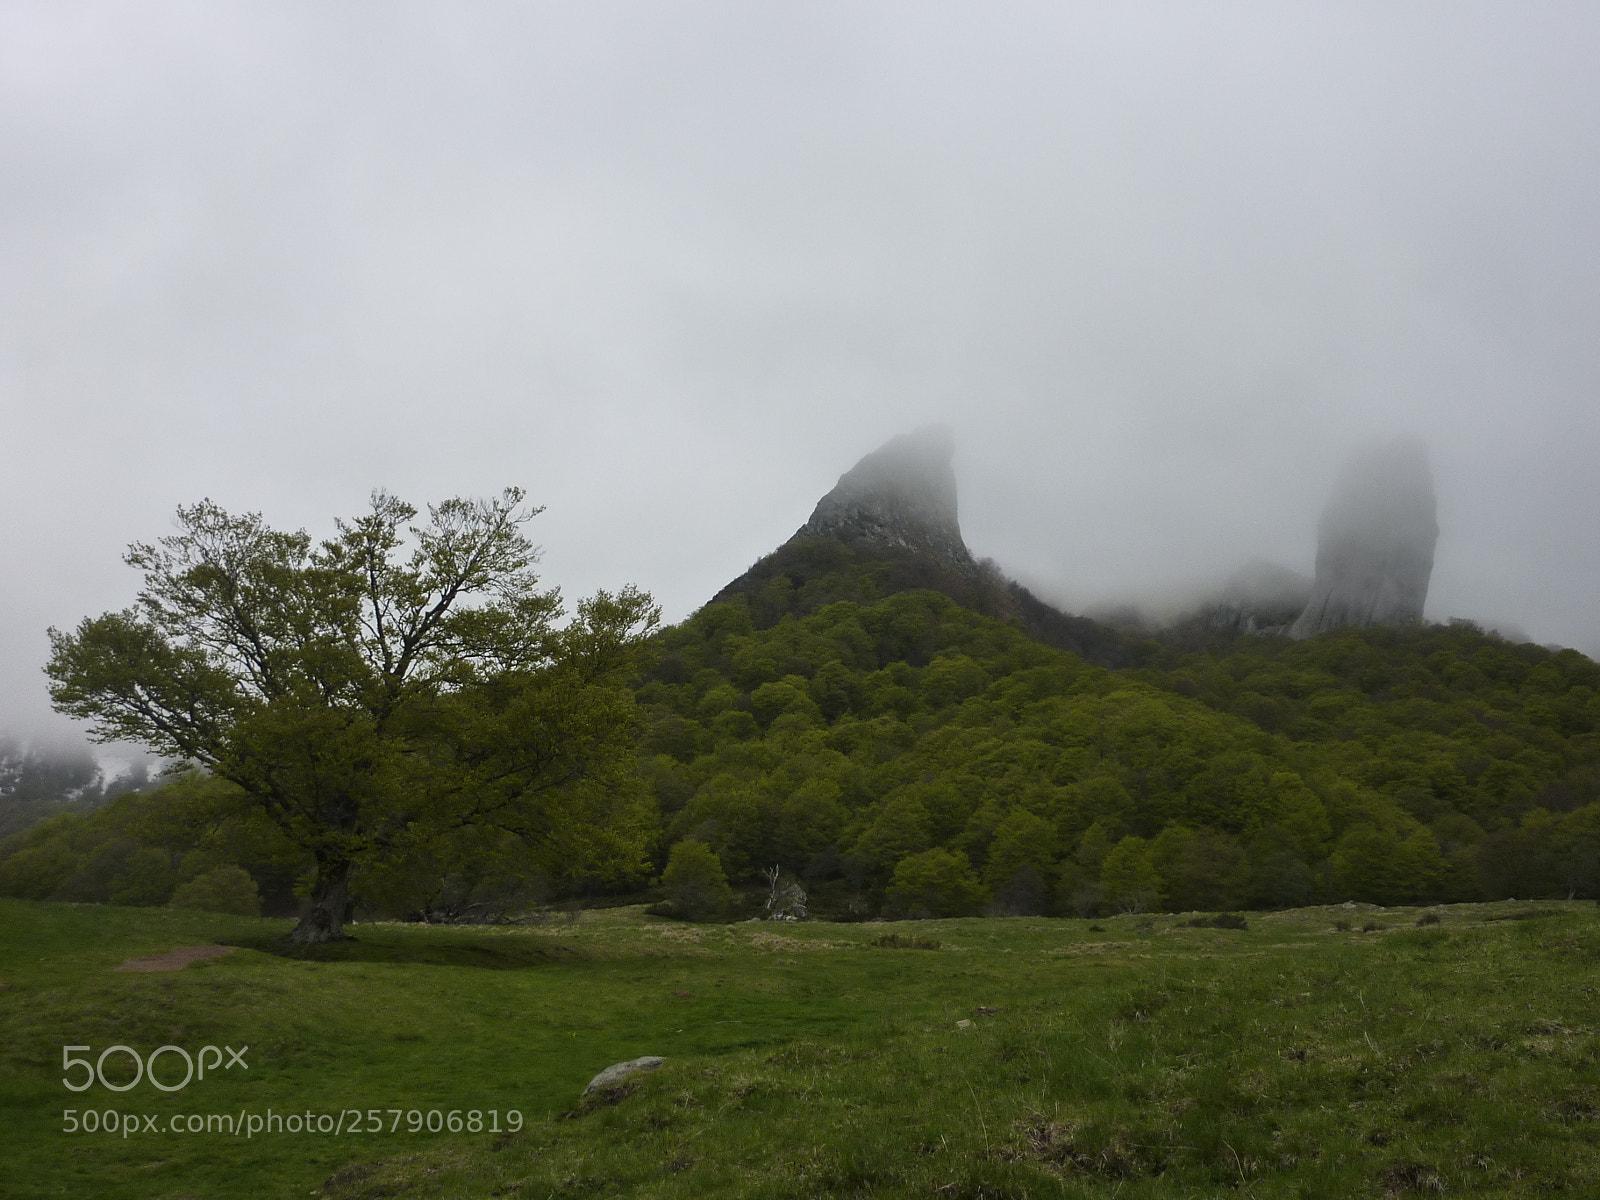 Misty mountain, Panasonic DMC-TZ6